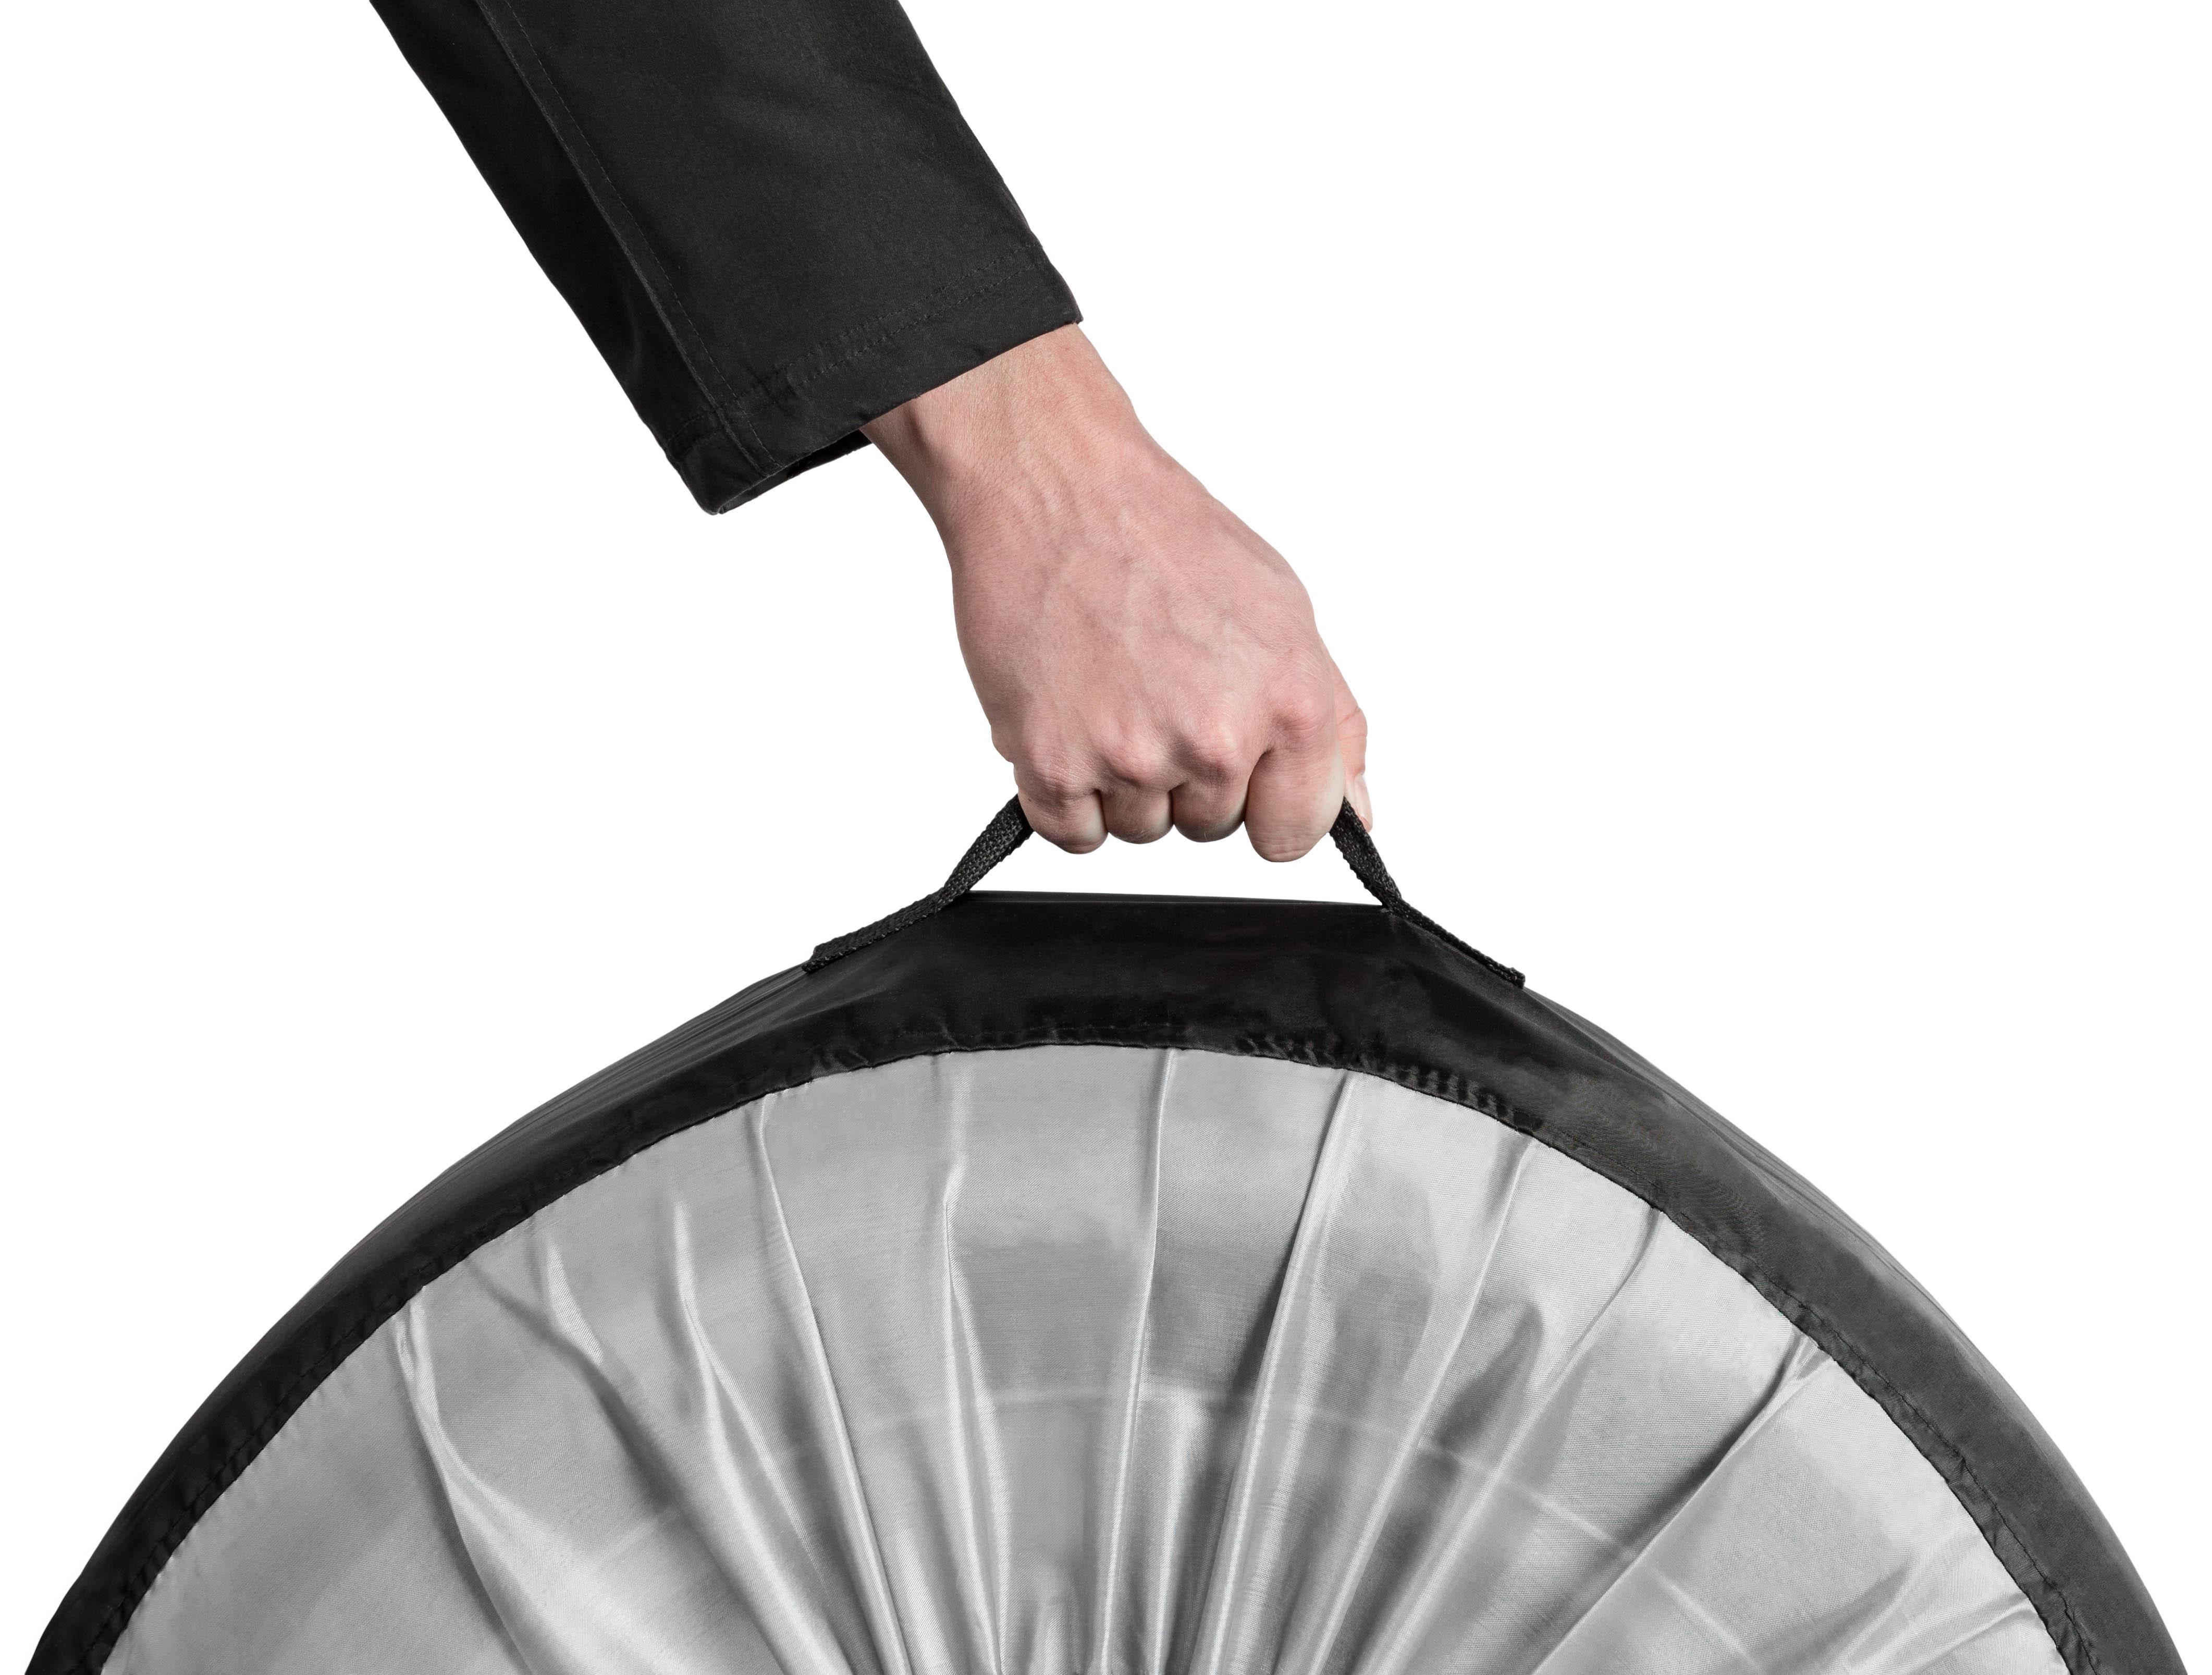 13711 Borse per pneumatici WALSER prodotti di marca a buon mercato